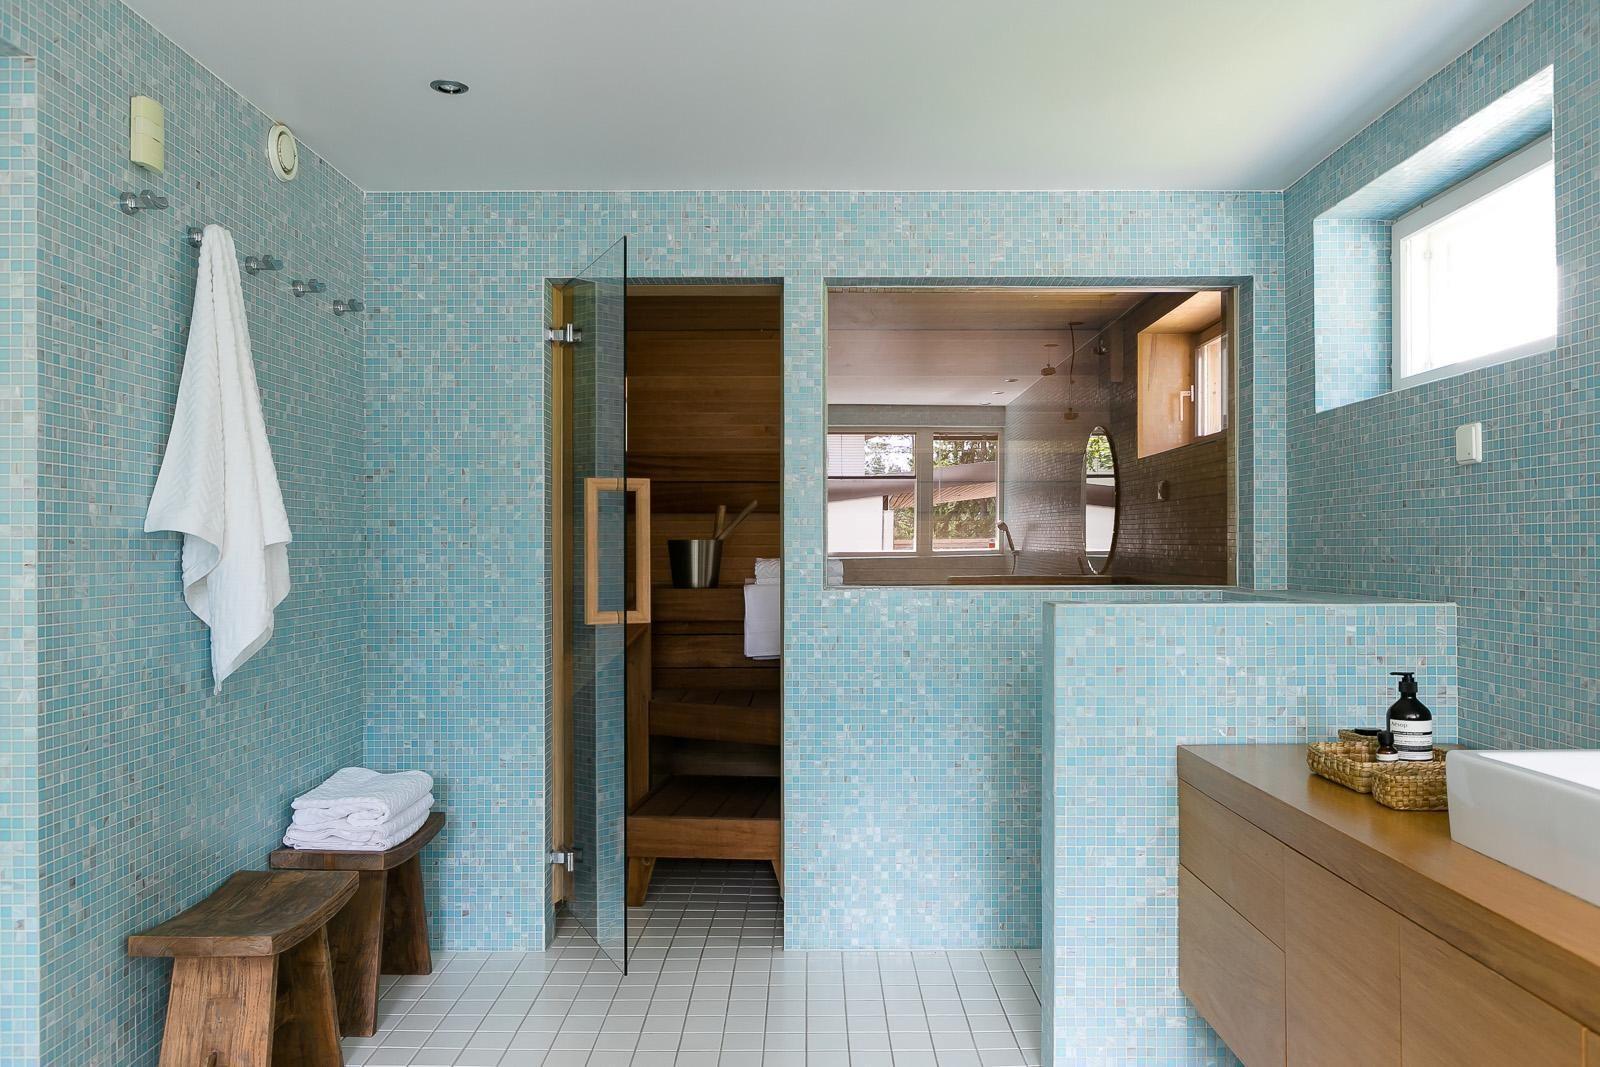 Kaunis turkoosi mosaiikki kylpyhuoneessa - Etuovi.com Sisustus